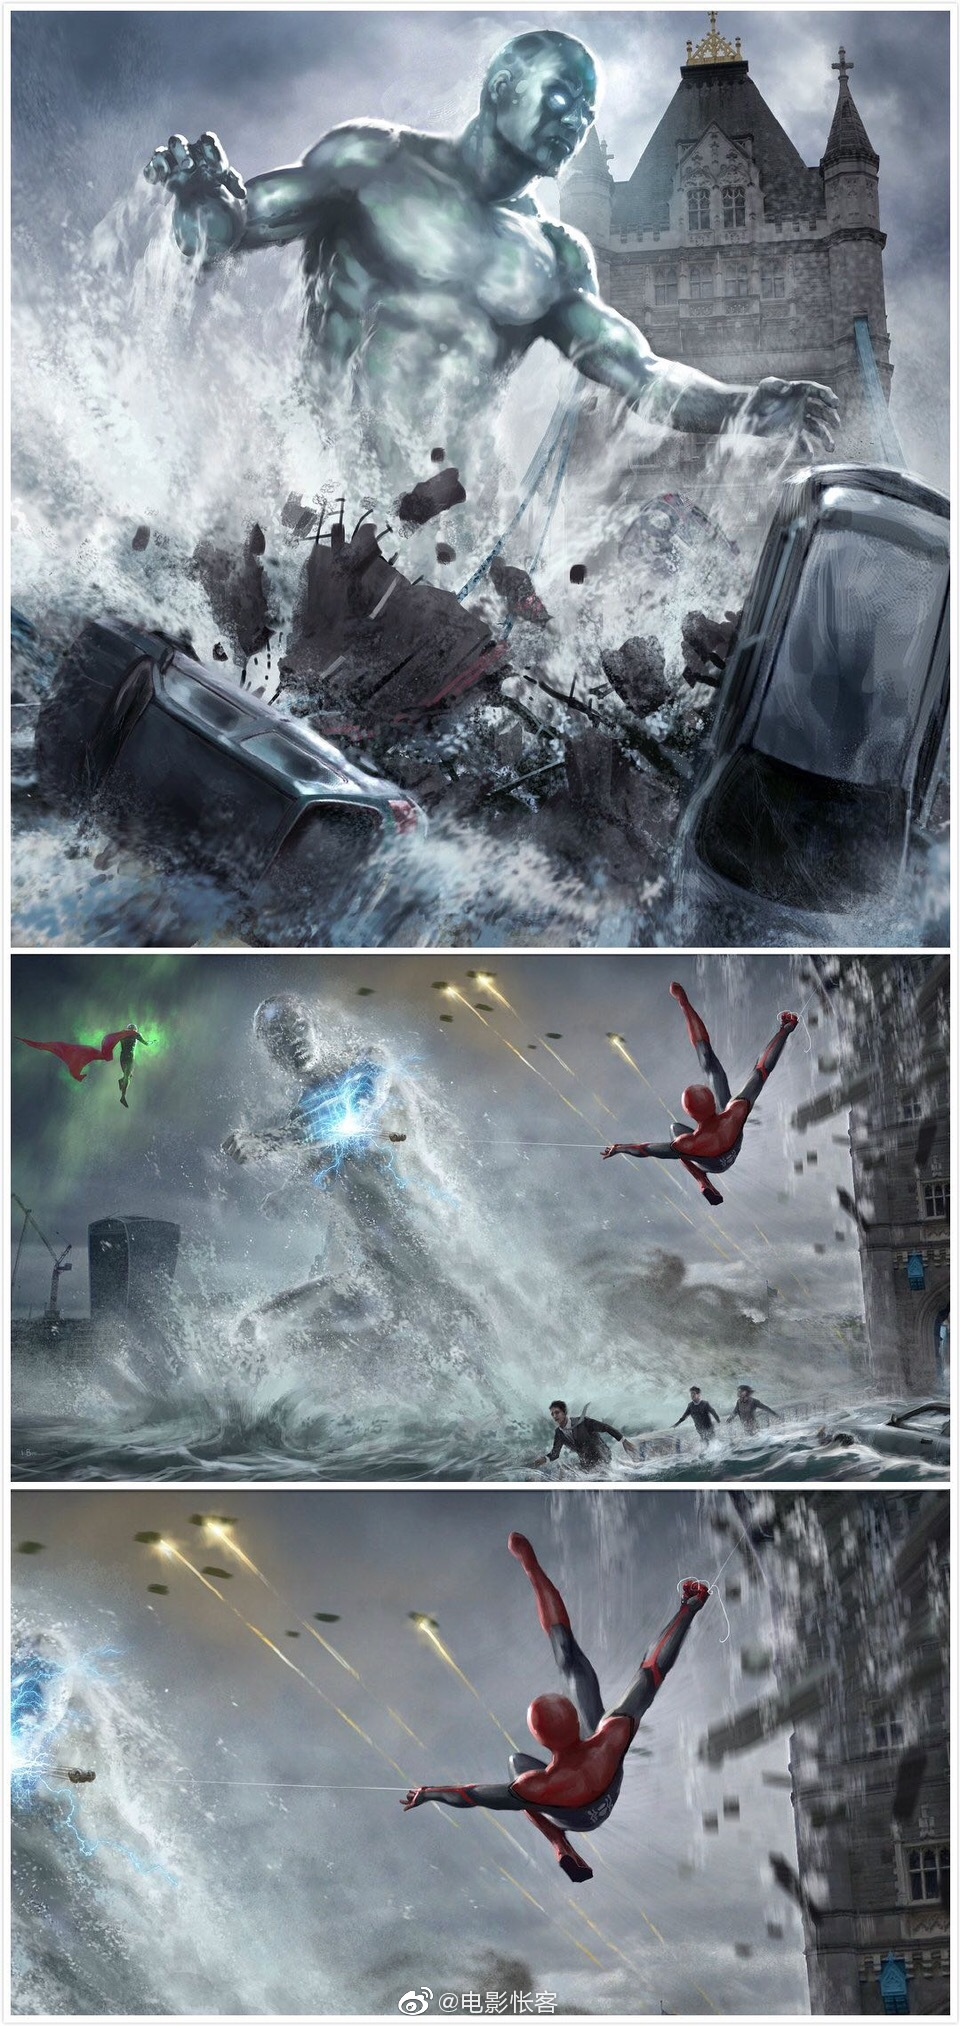 分享一组《蜘蛛侠:英雄远征》的艺术概念图